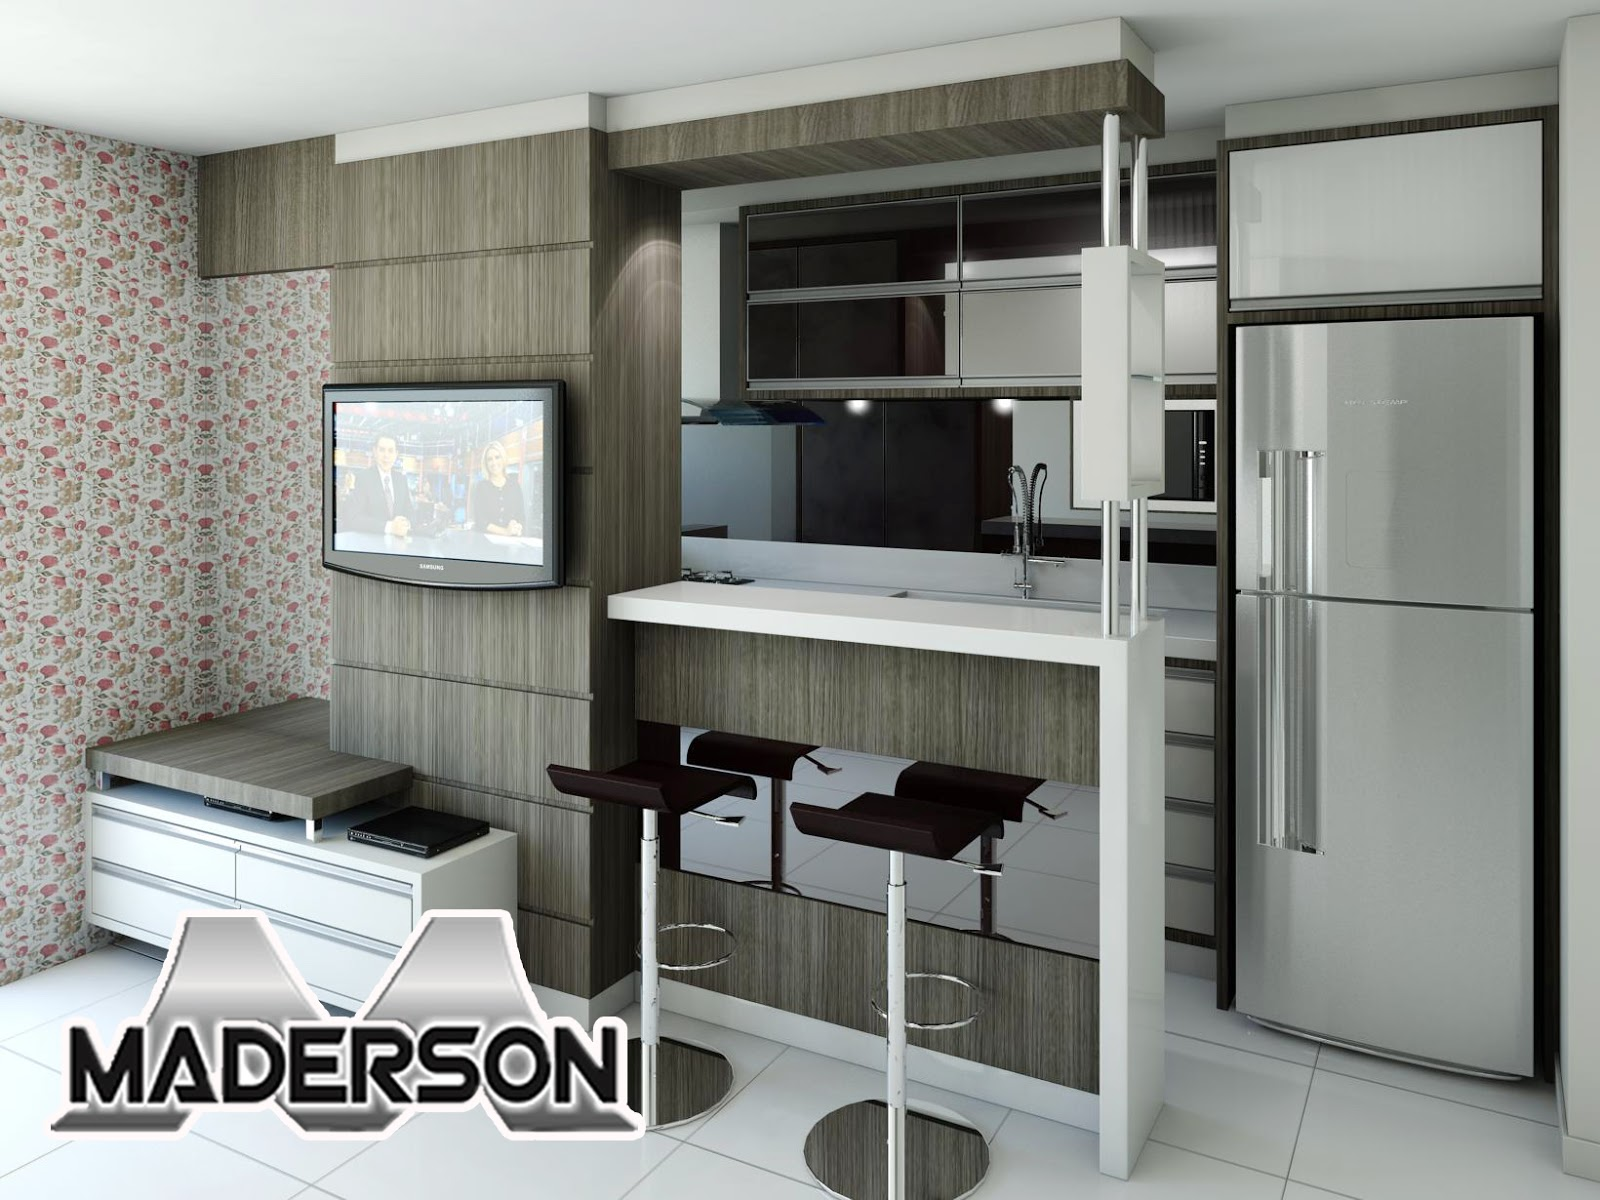 Móveis Maderson: Cozinha e Sala para apartamentos pequenos! #71615A 1600 1200